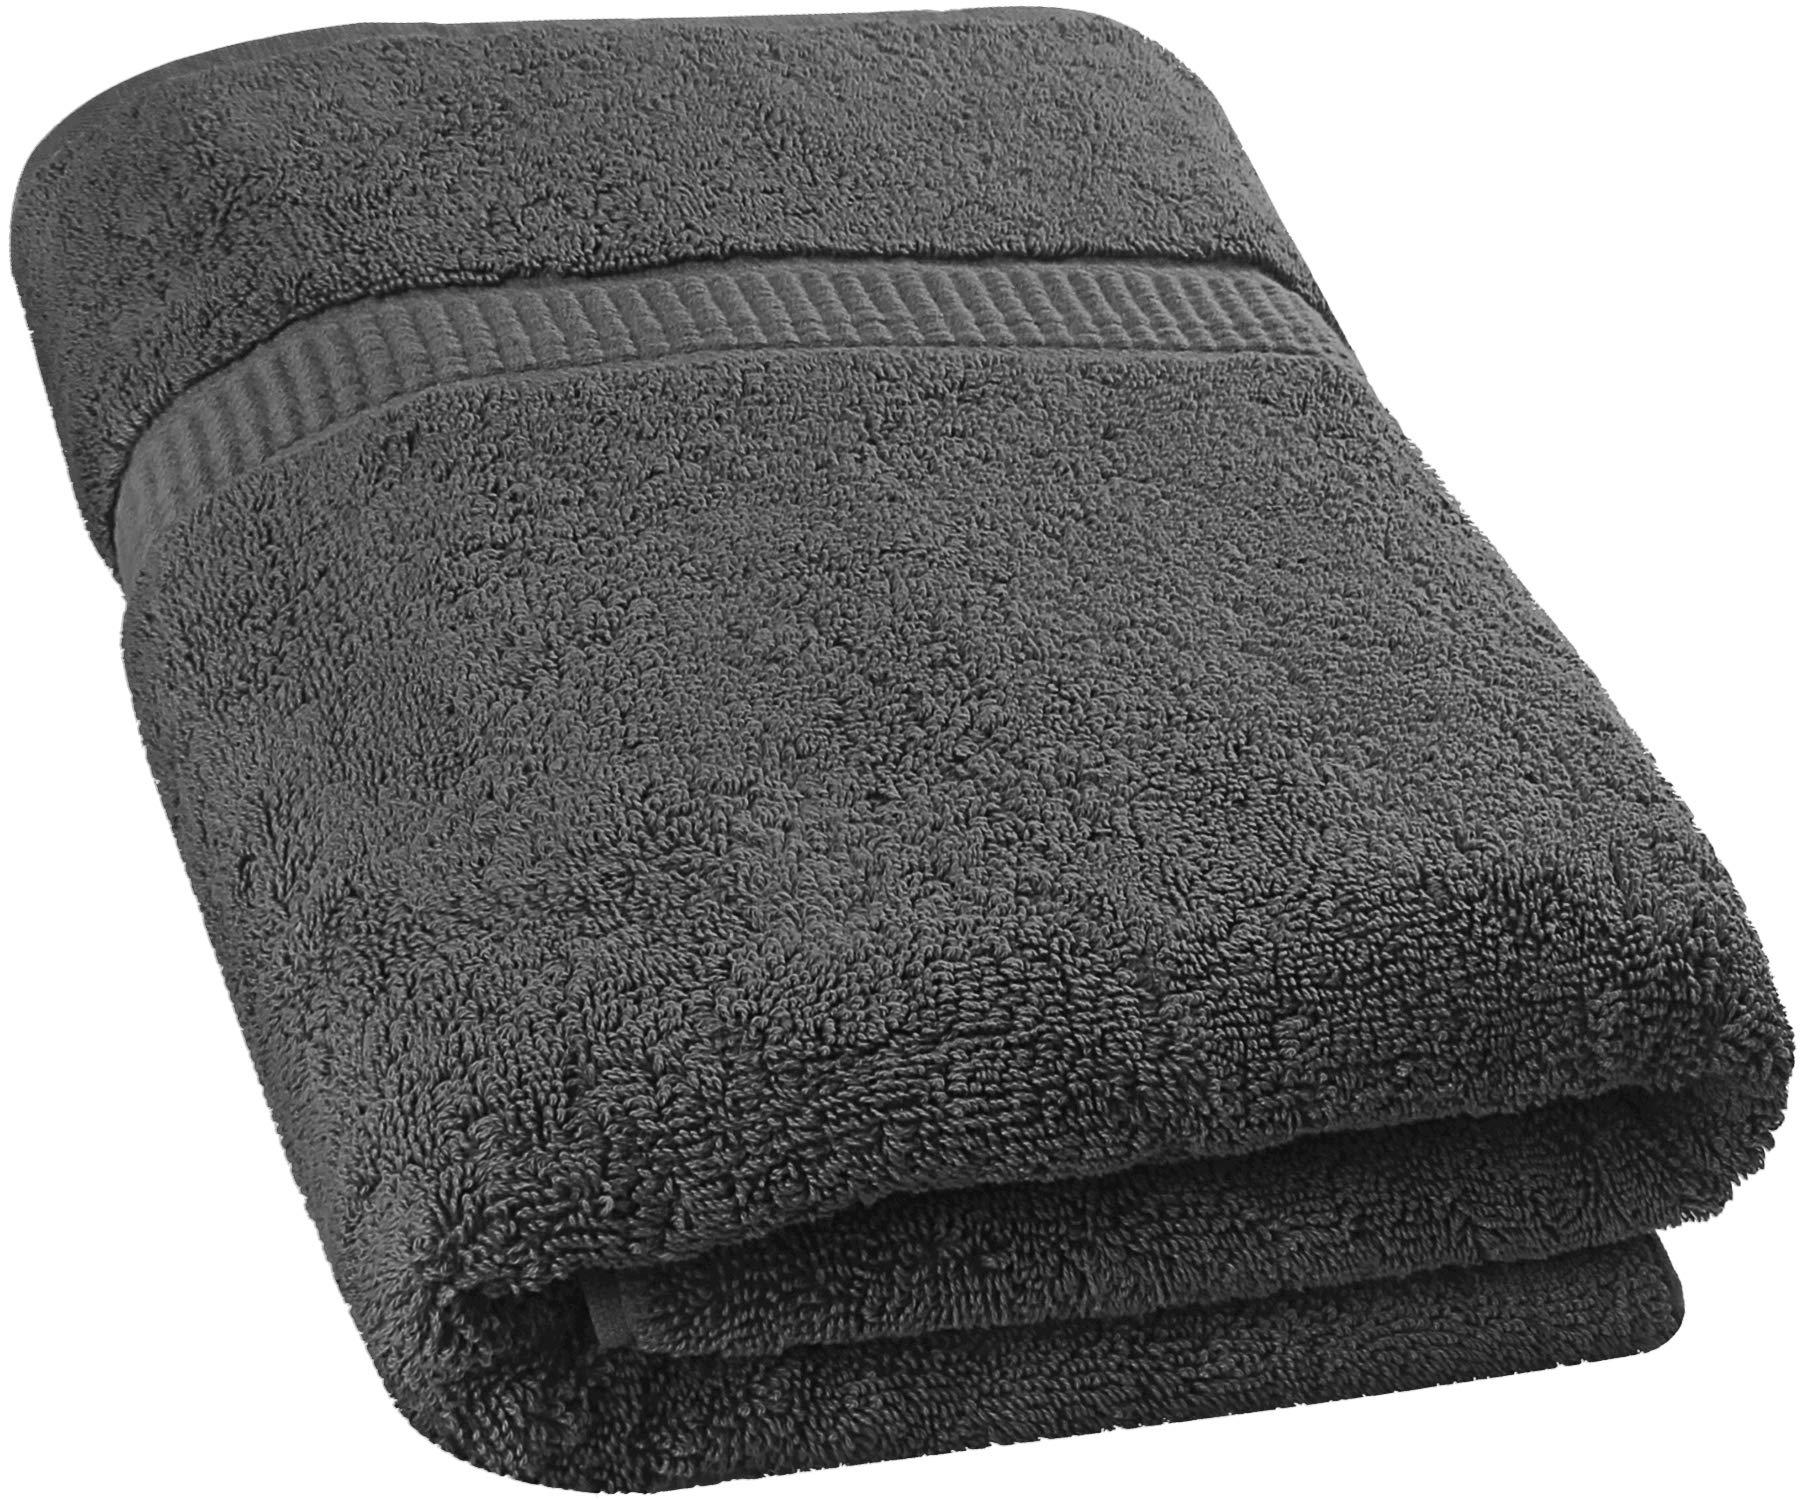 Utopia Towels - Toalla de baño Extra Grande y Suave Lavable en la Lavadora (89 x 178 cm) (Gris)